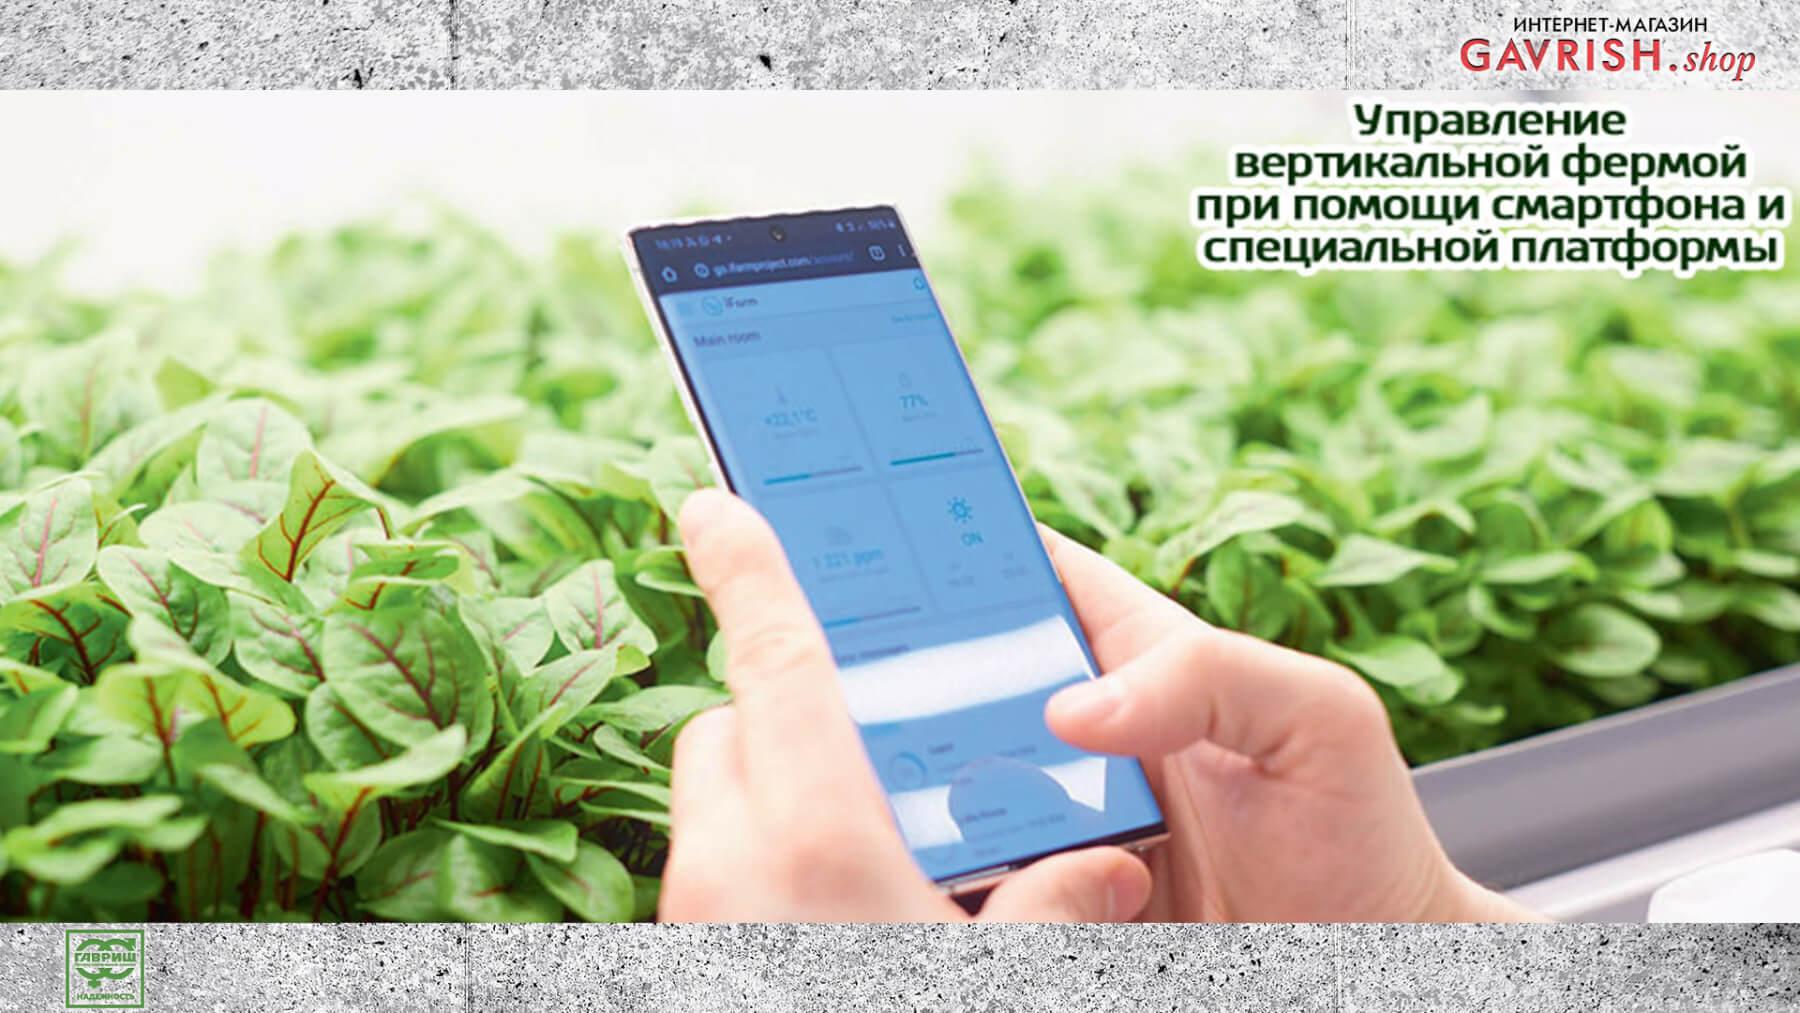 Управление вертикальной фермой при помощи специальной платформы. Фото: Ника Селезнева